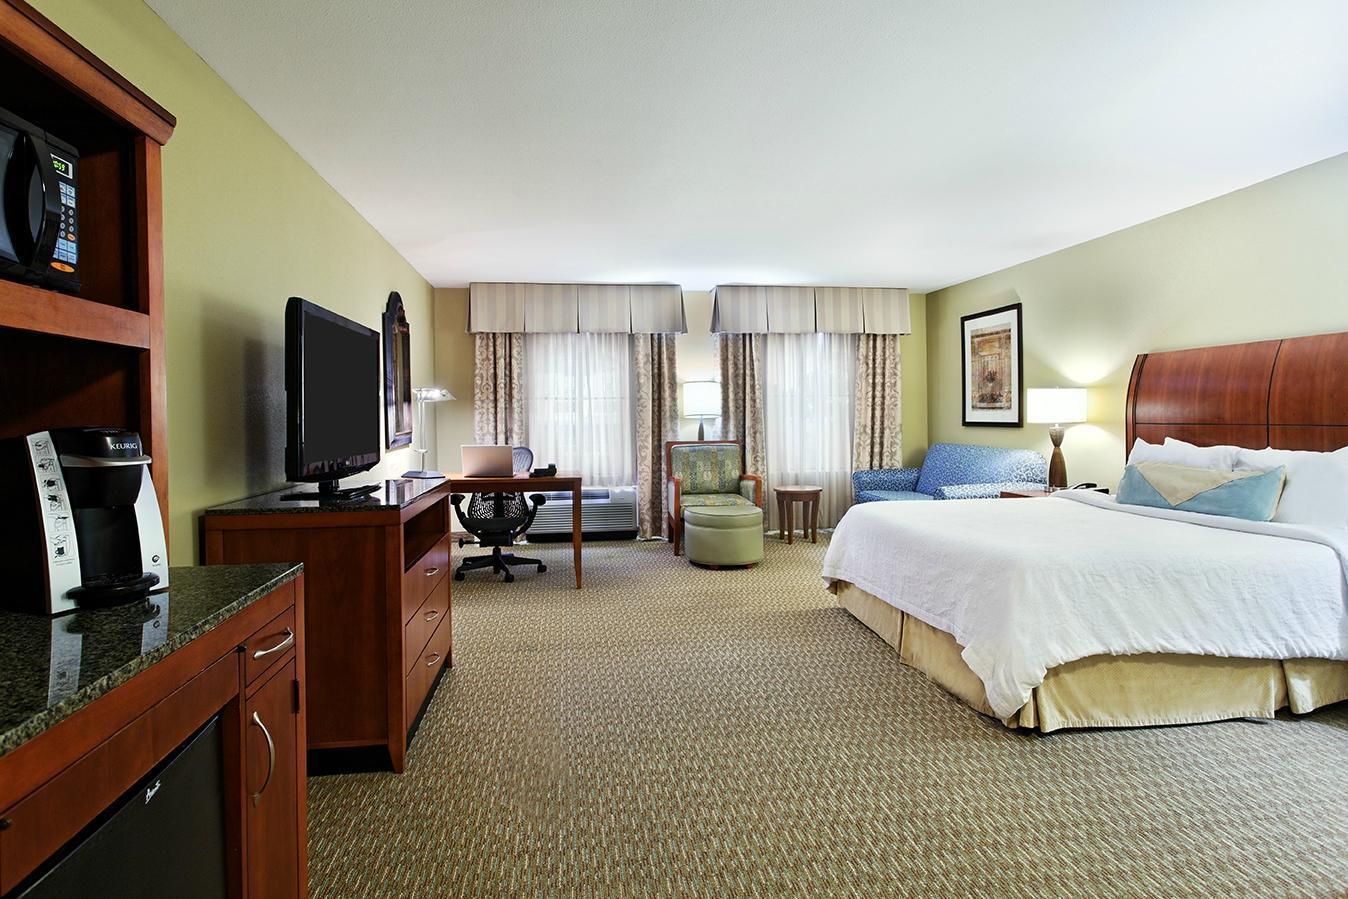 719284 m - Hilton Garden Inn Beaufort Sc